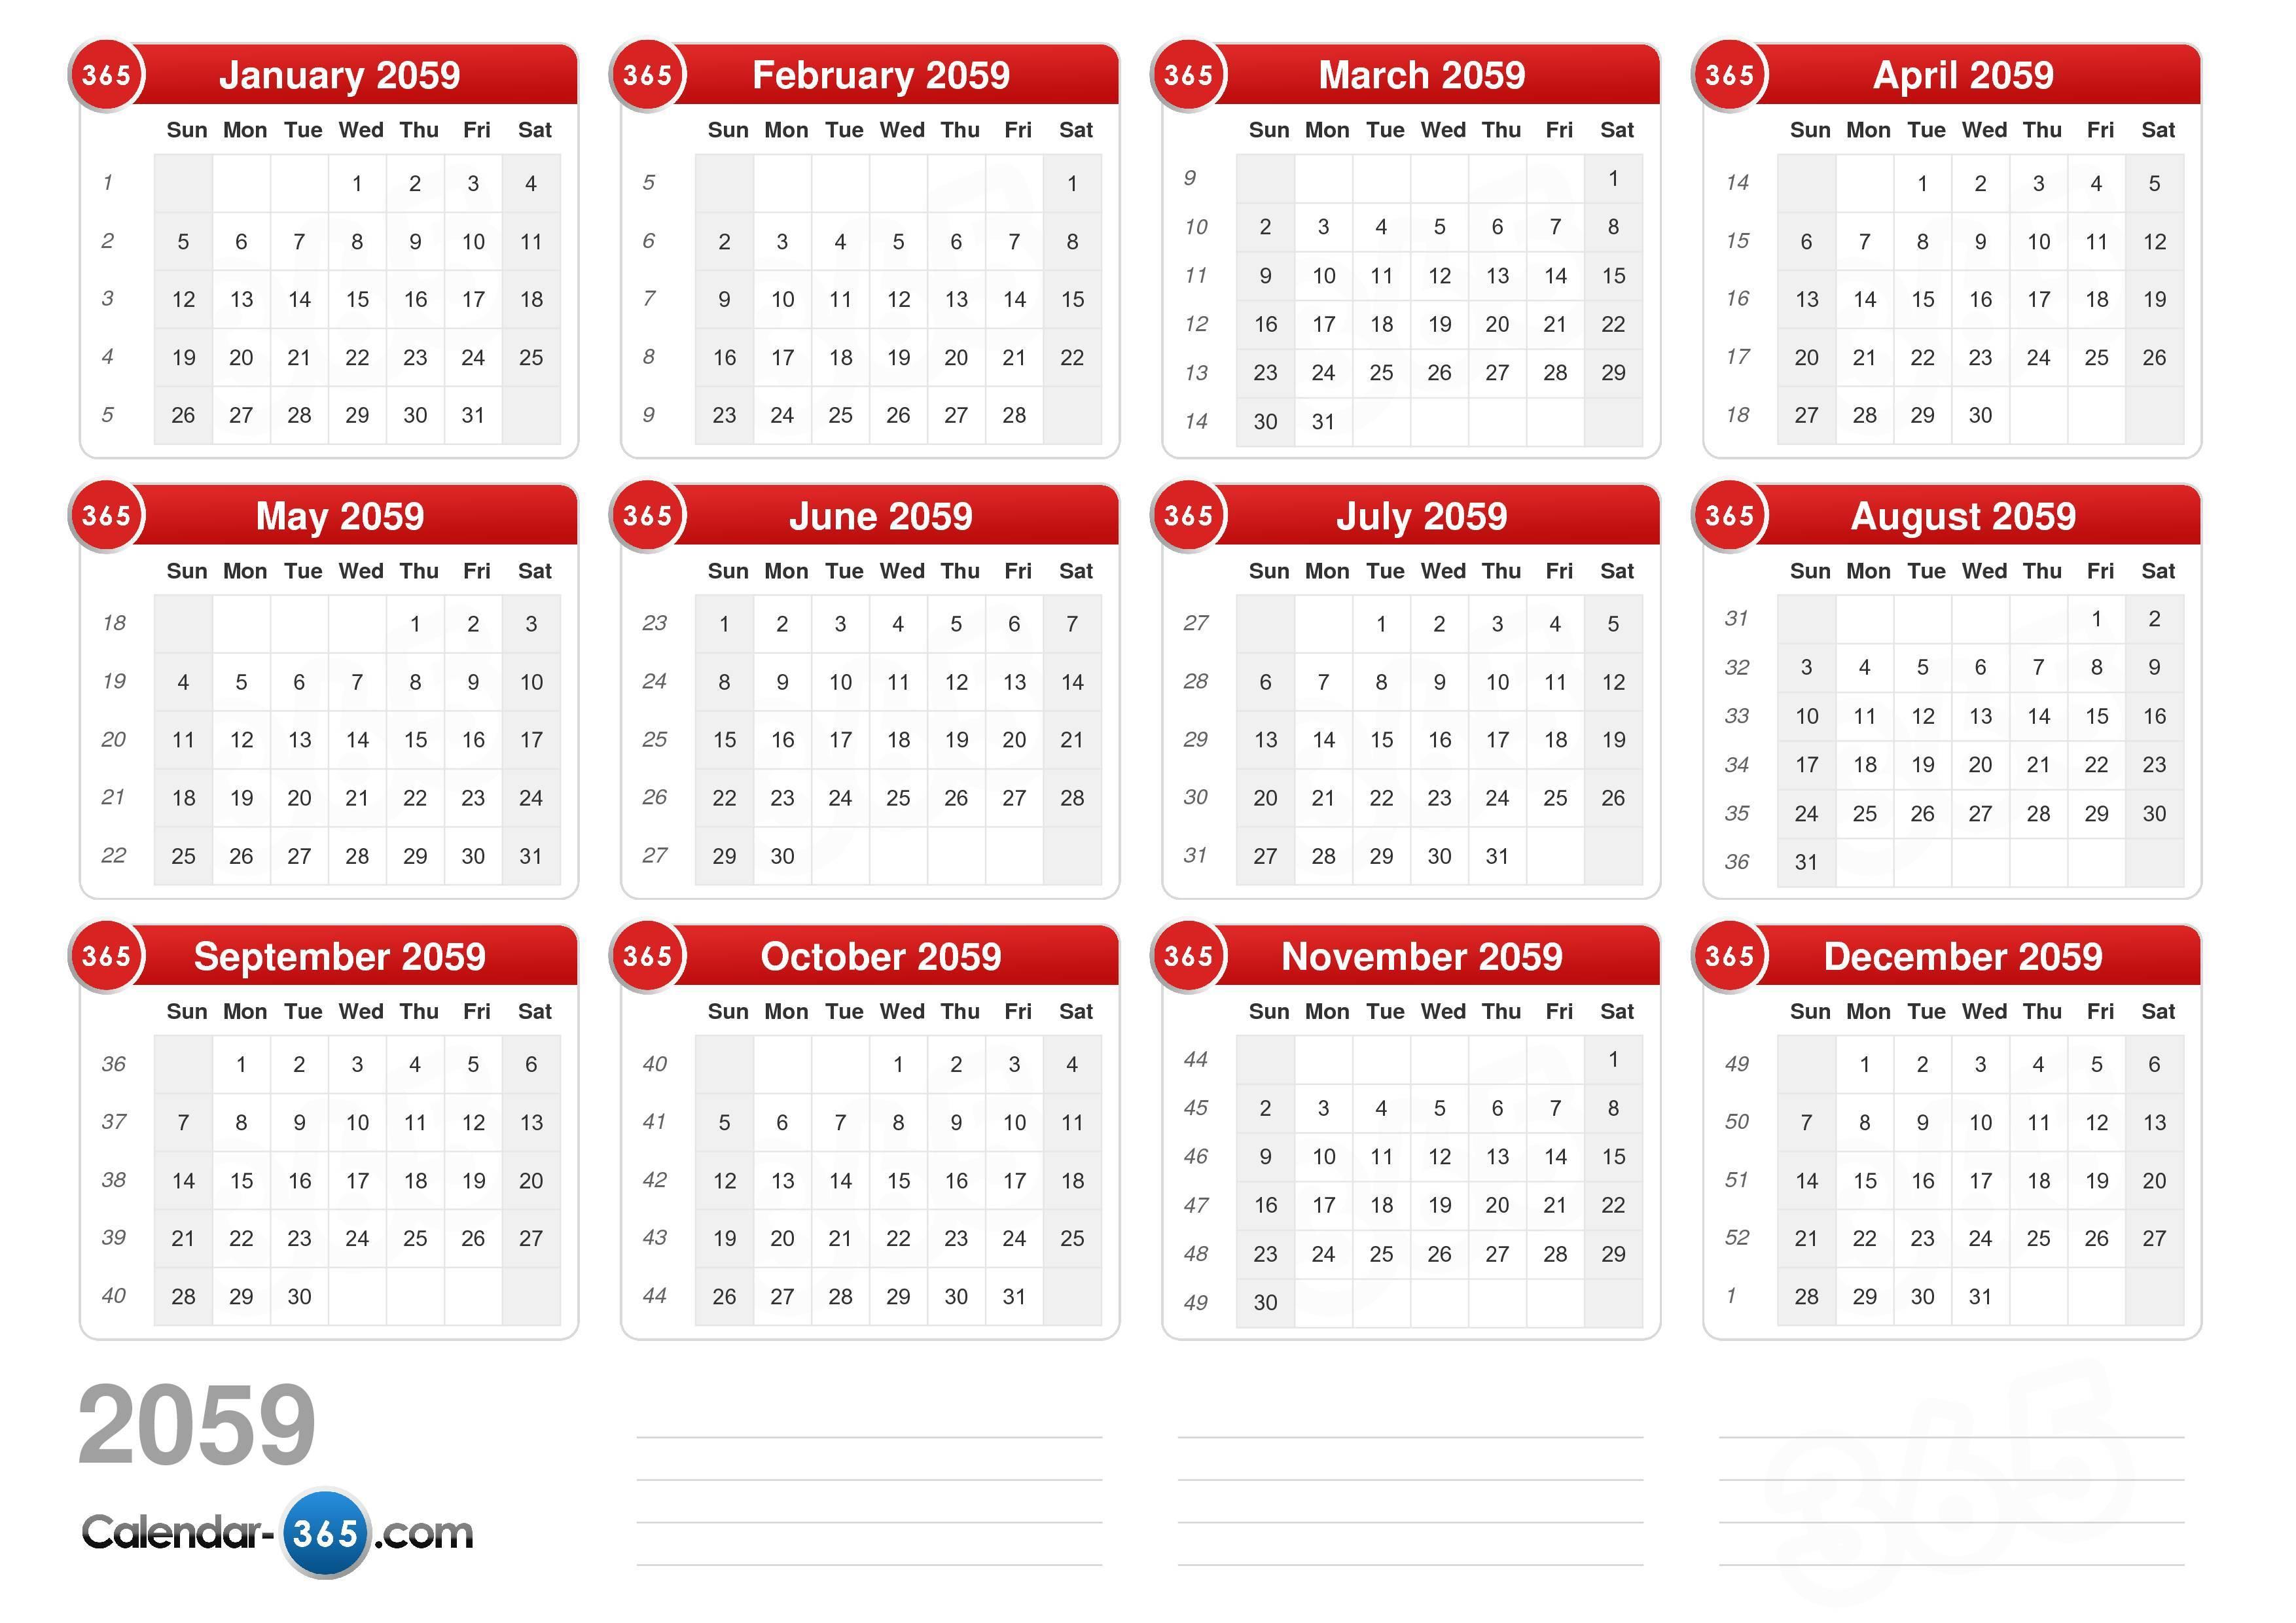 2059 Calendar (v2)